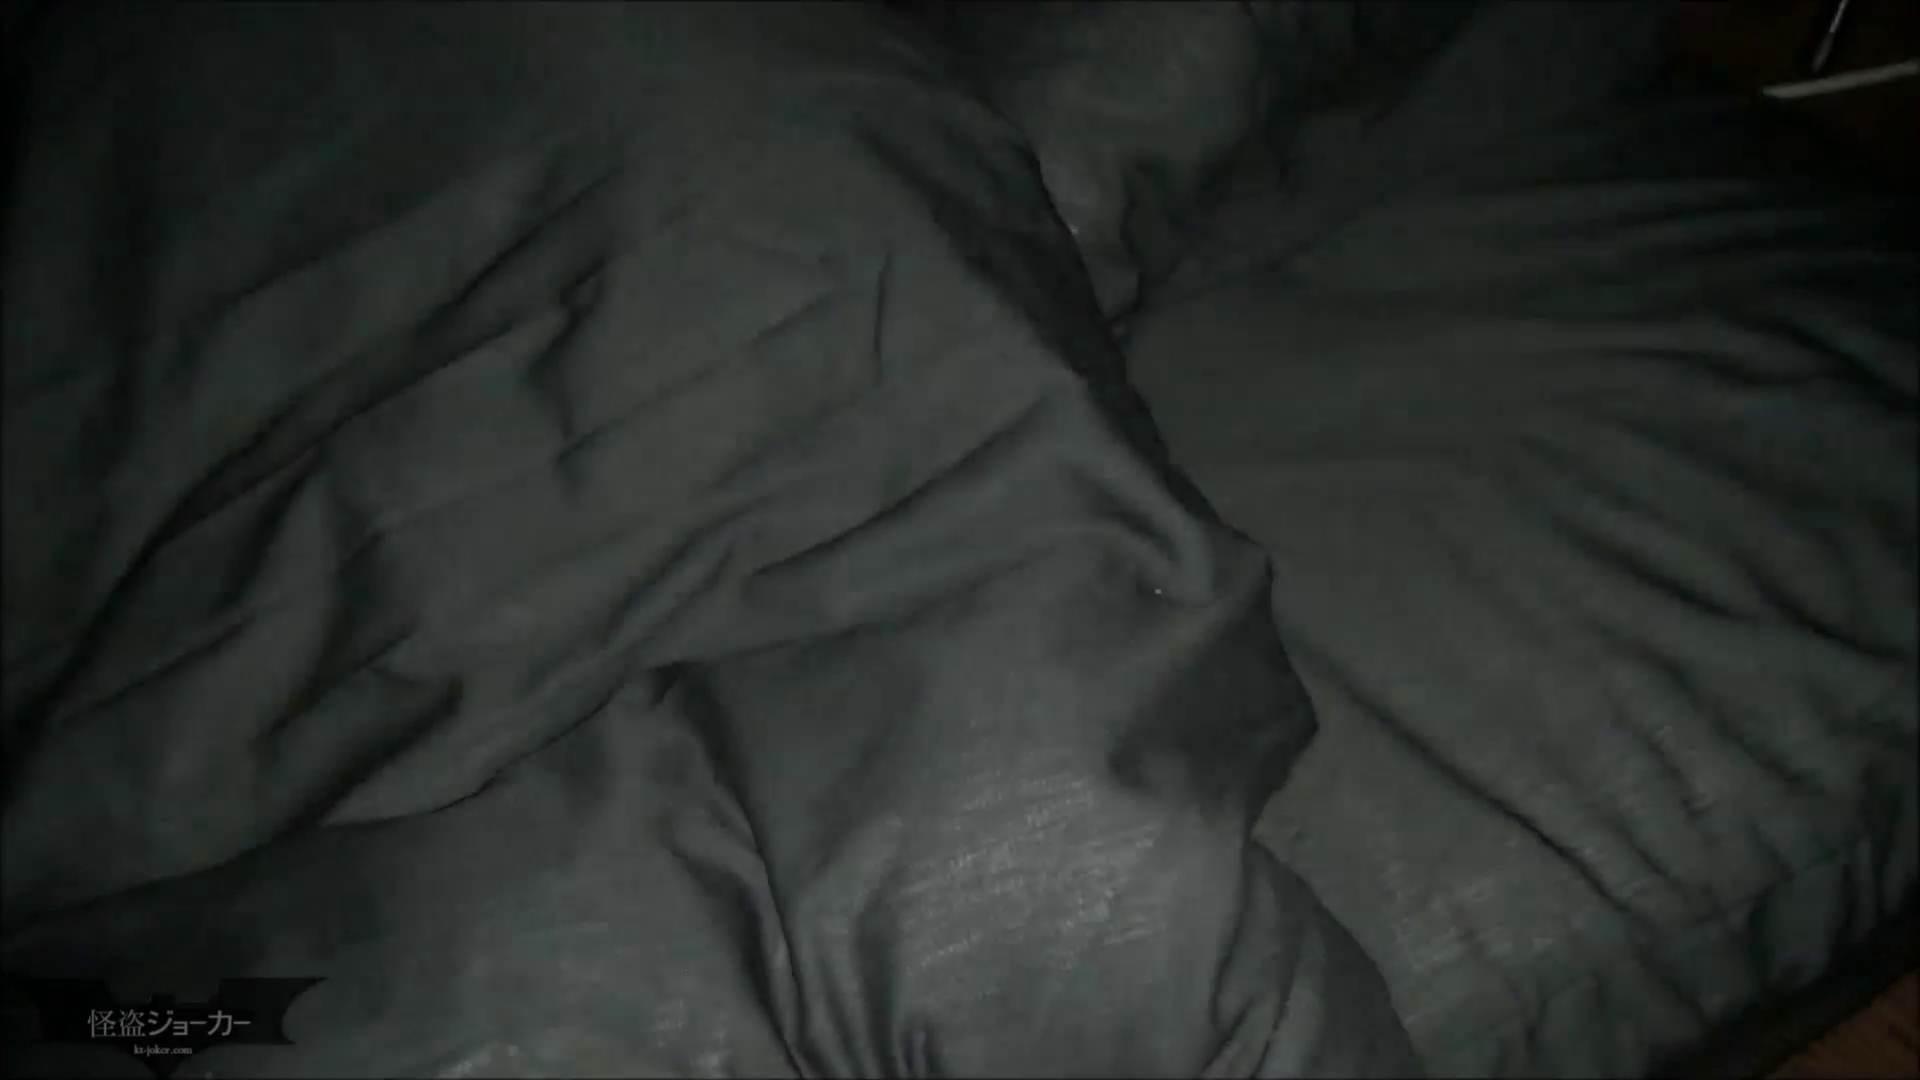 【未公開】vol.68【朋葉】友人が土足で朋葉の膣内に・・・ 0 | 友人  45連発 1